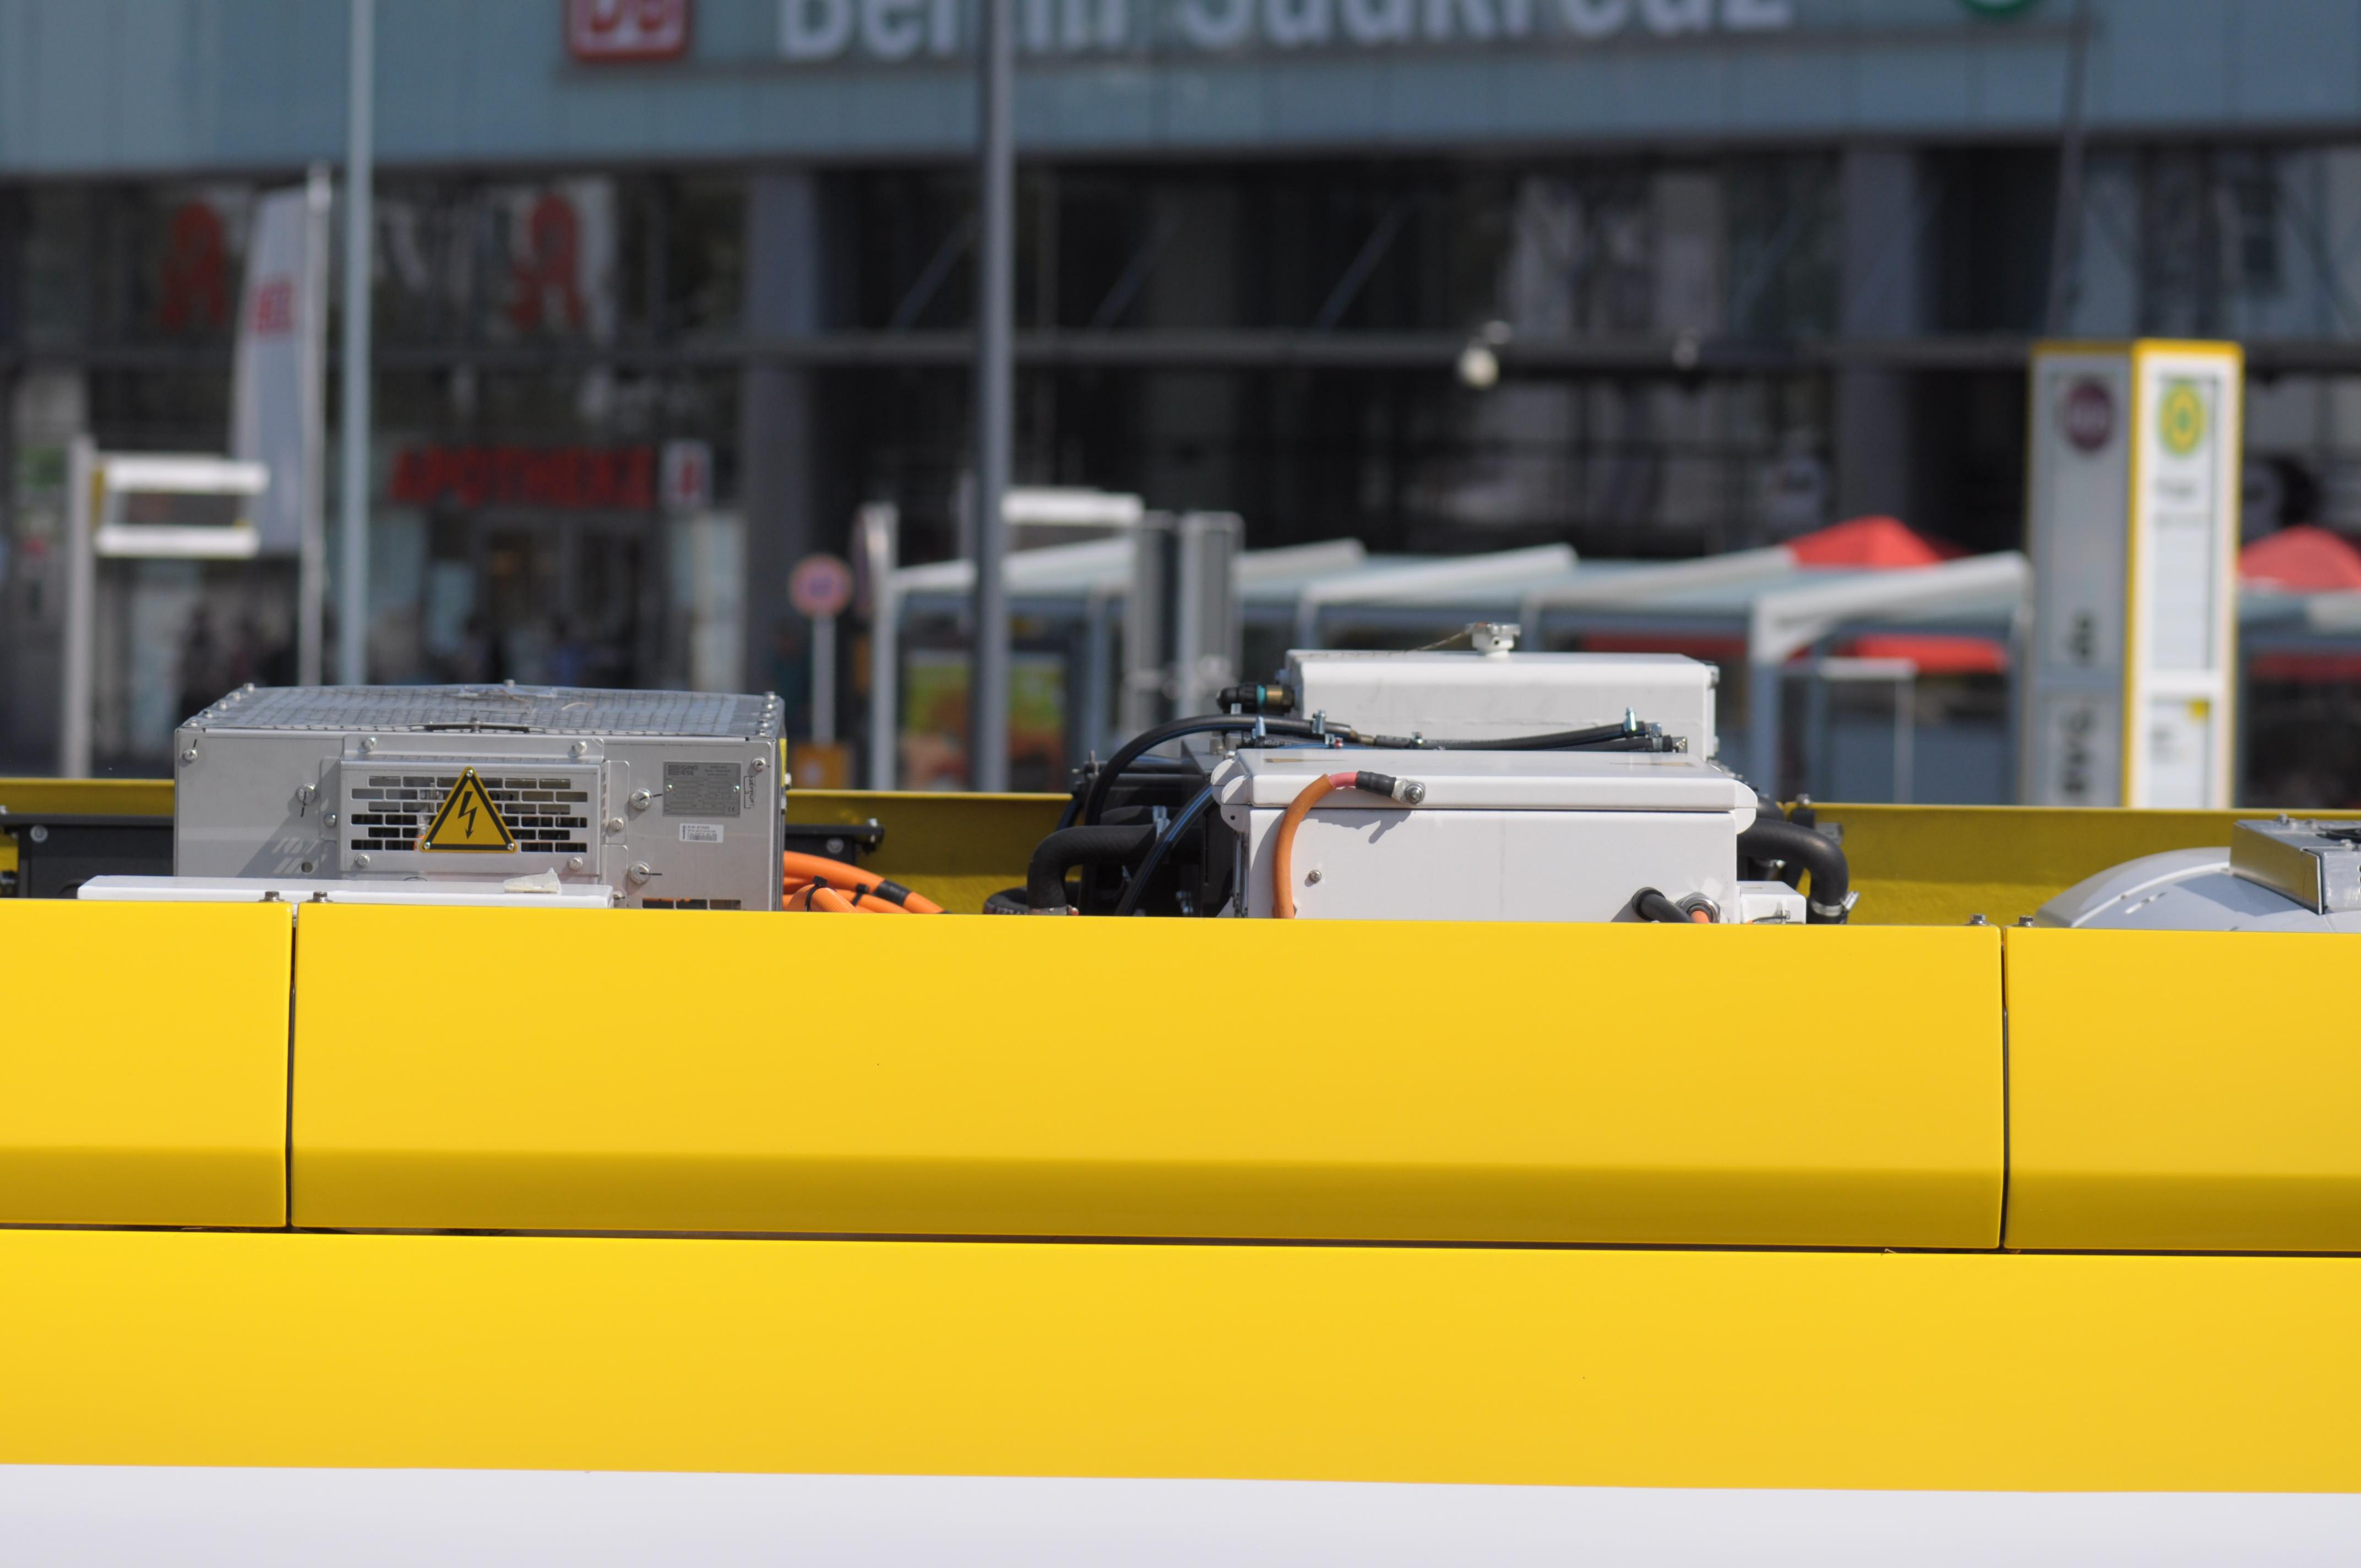 Bombardier Primove: Die BVG hat Probleme mit ihren Berliner Induktionsbussen - Detailaufnahme der Dachaufbauten (Foto: Andreas Sebayang/Golem.de)